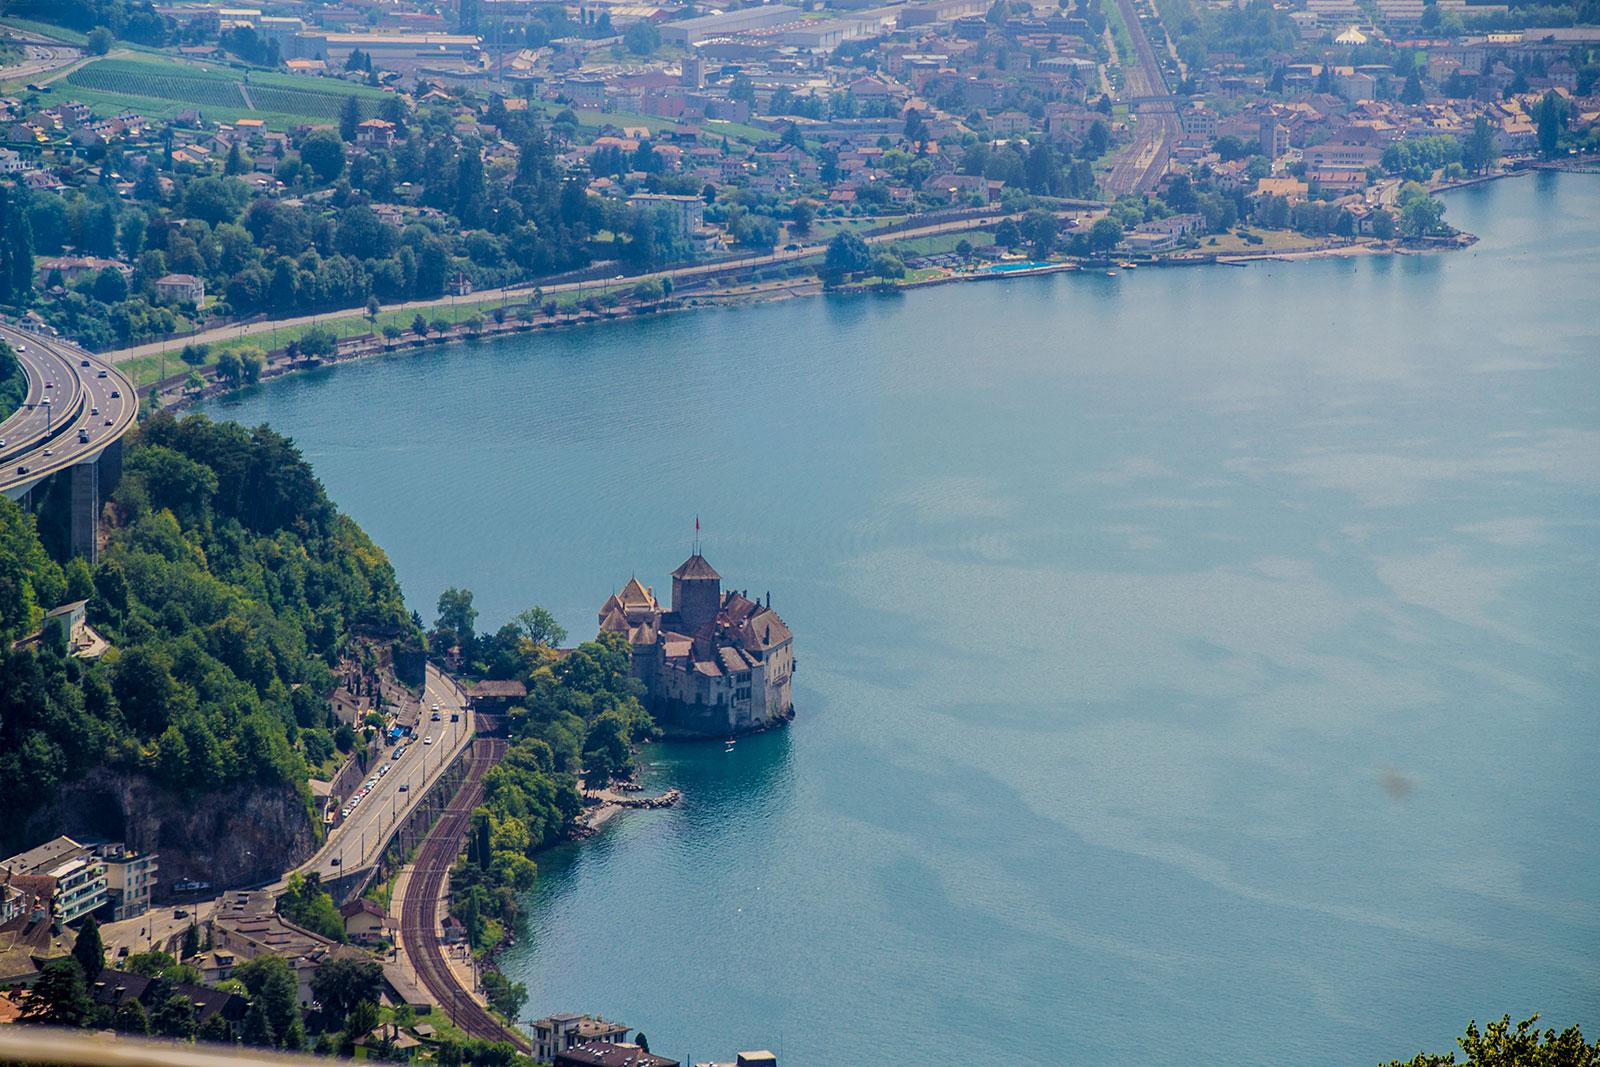 Vistas del Castillo de Montreux desde el tren